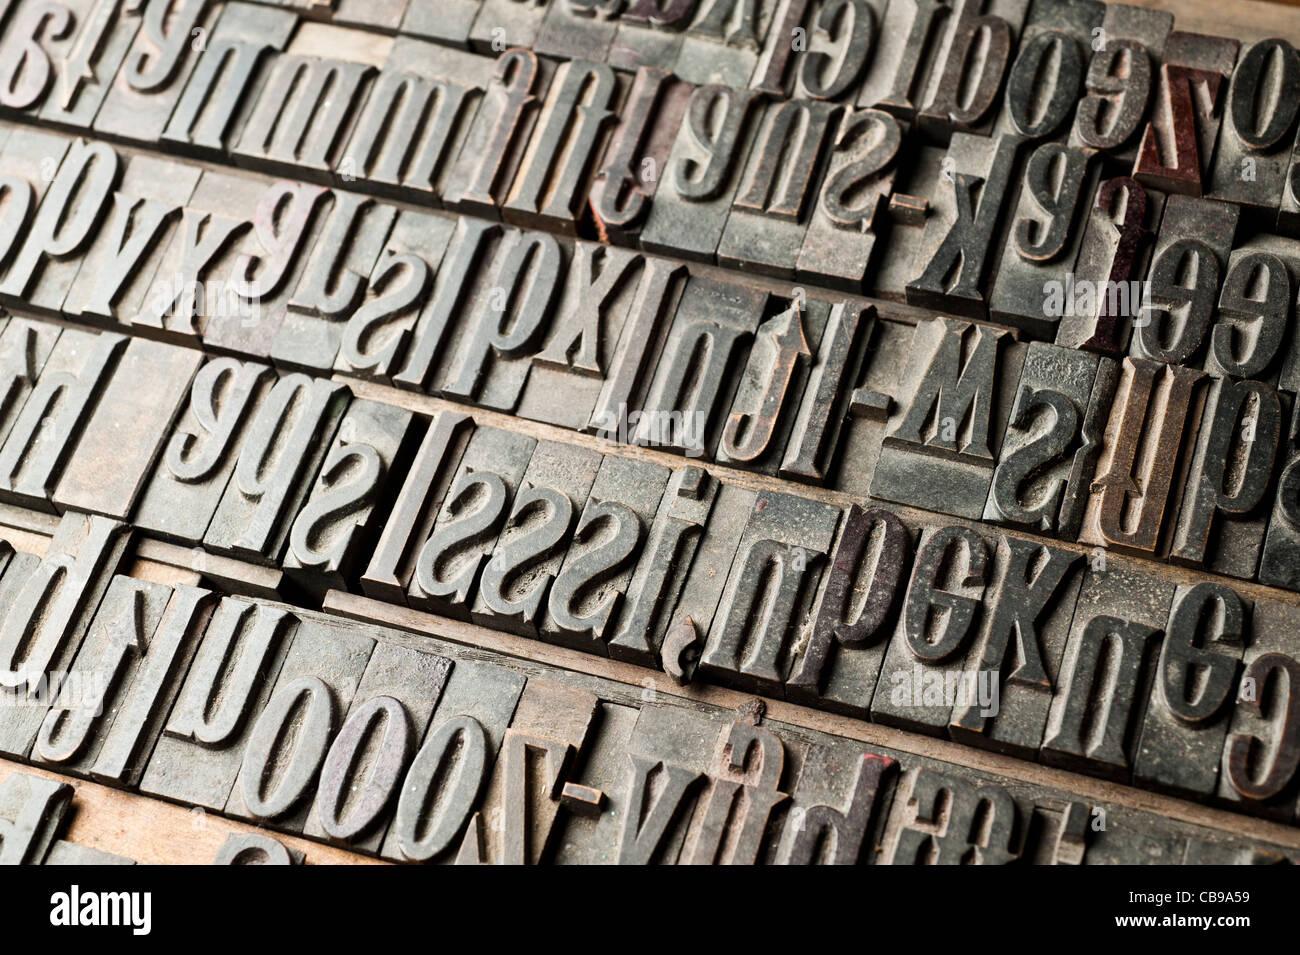 Una bandeja de letras de madera tallada, parte de una tipografía. Imagen De Stock